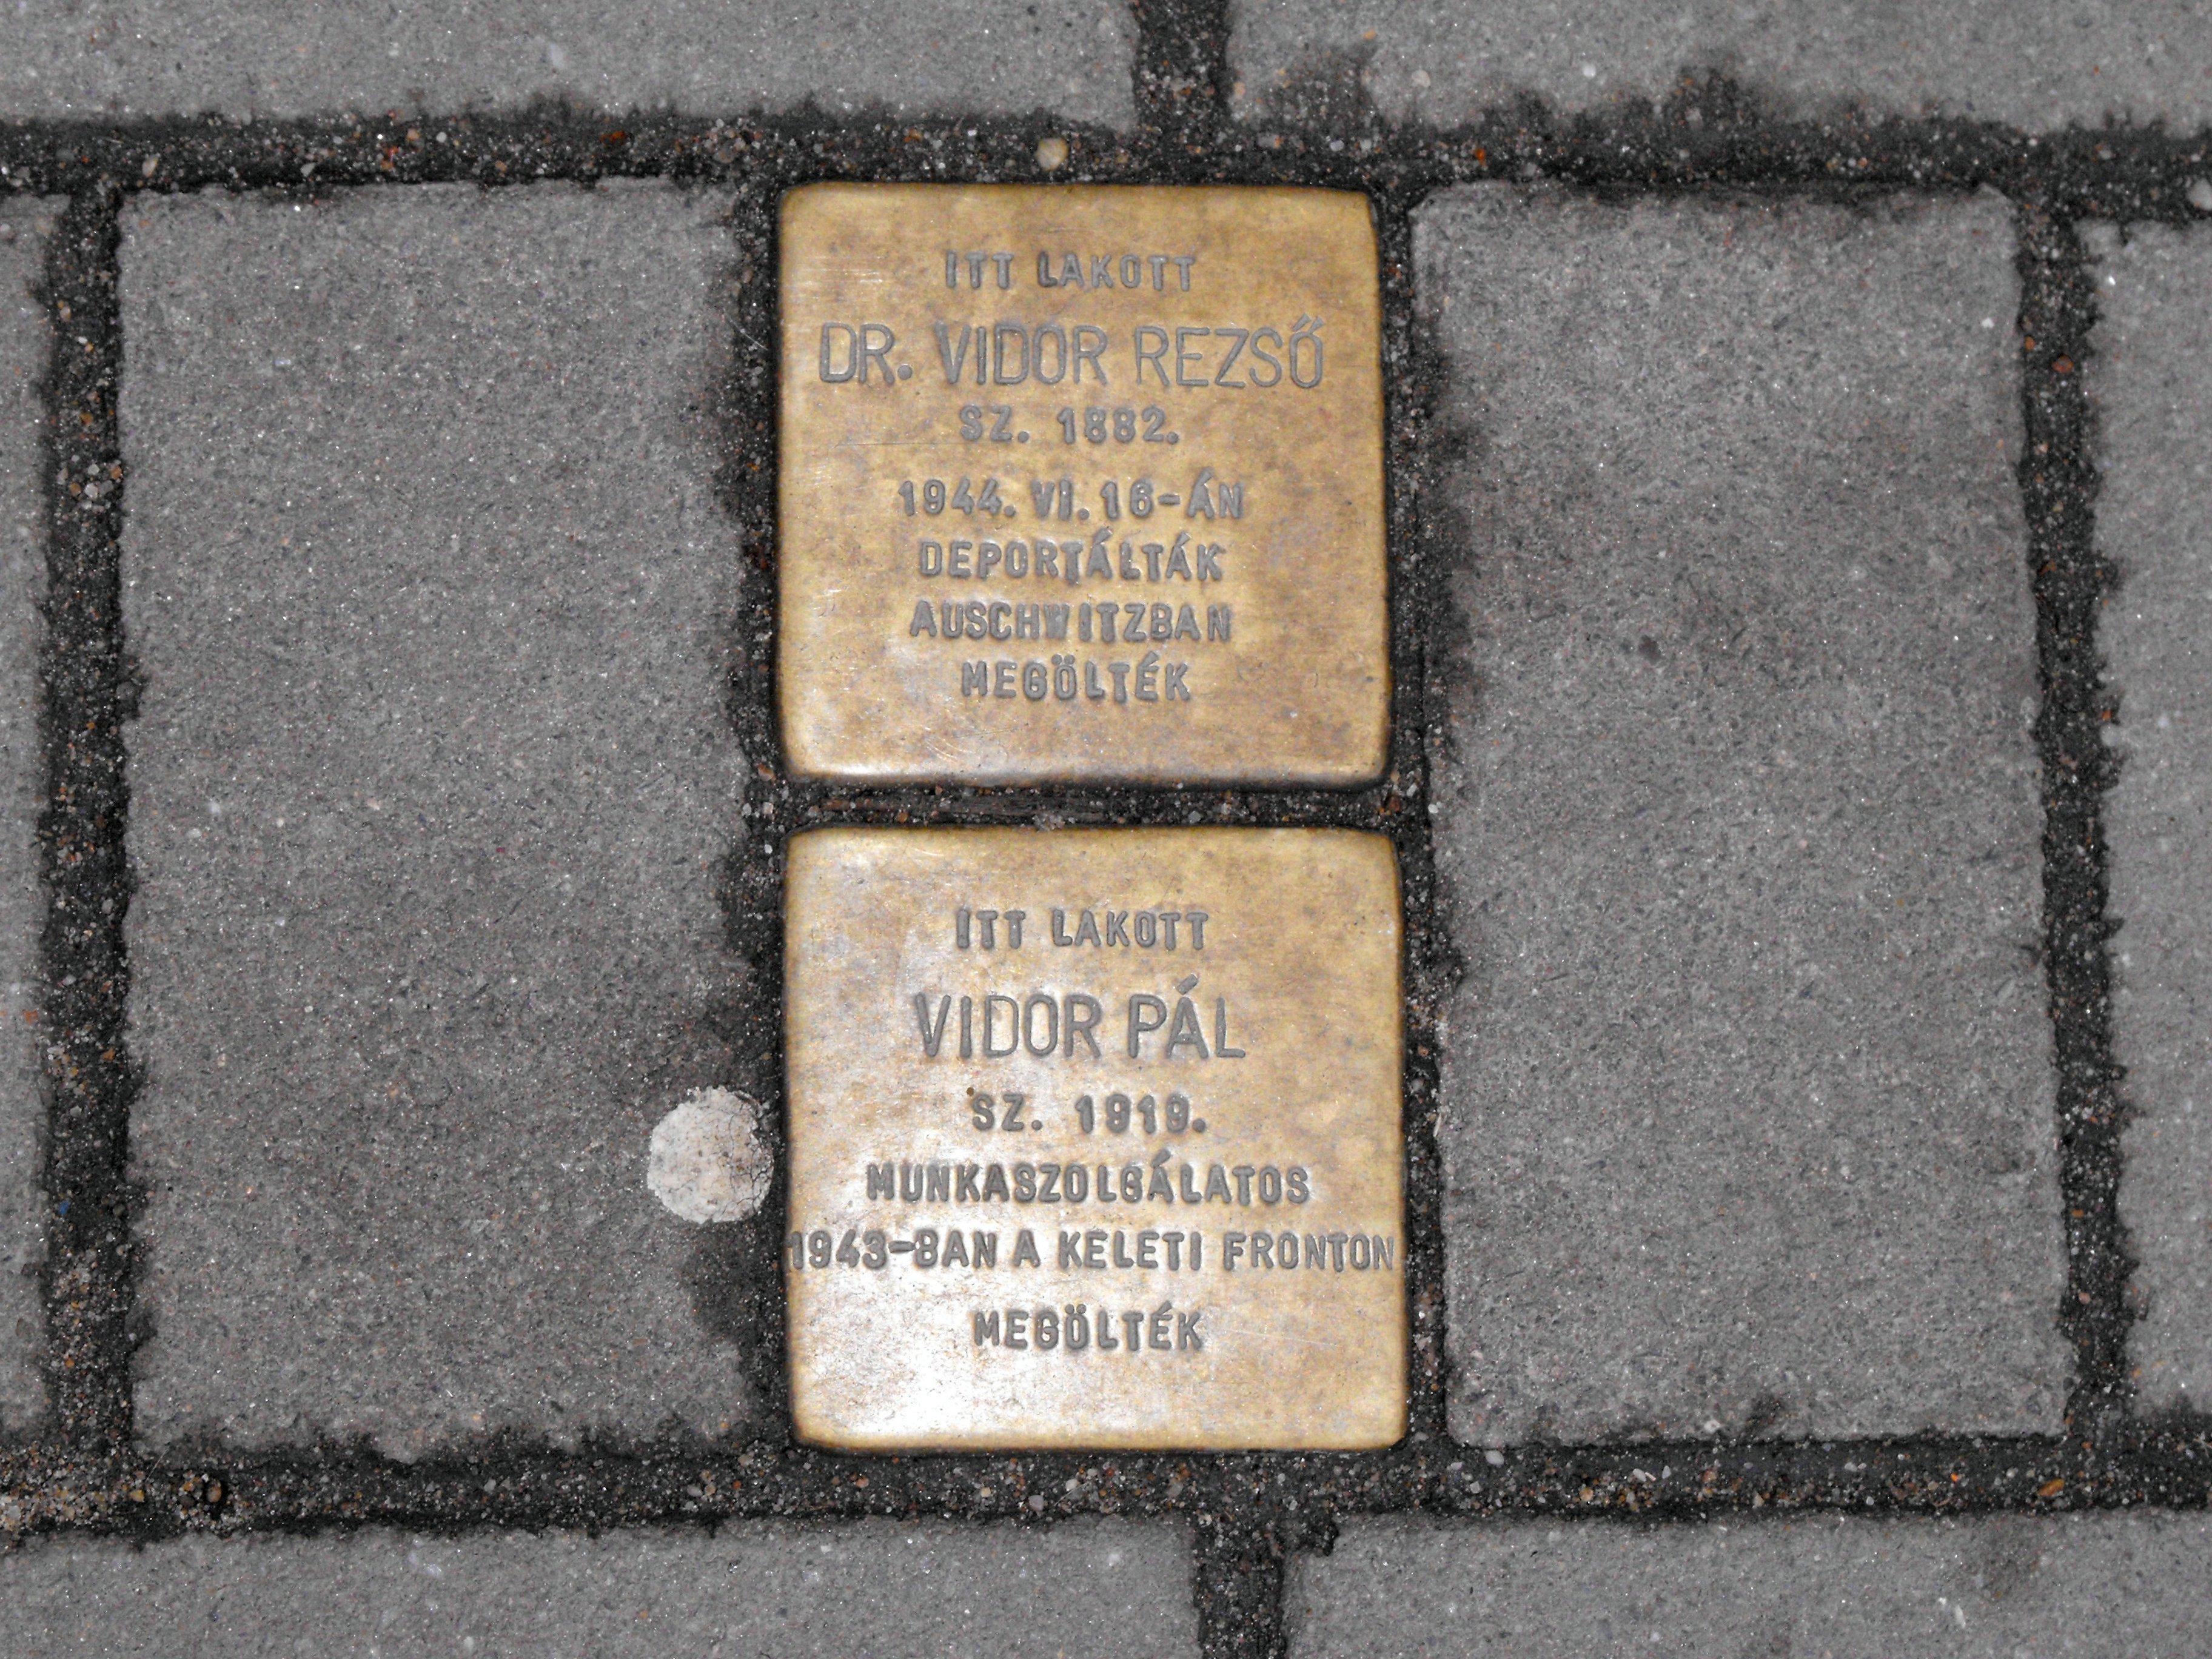 Debrecenben lehet emlékezni a holokausztra, de csak a négy fal között